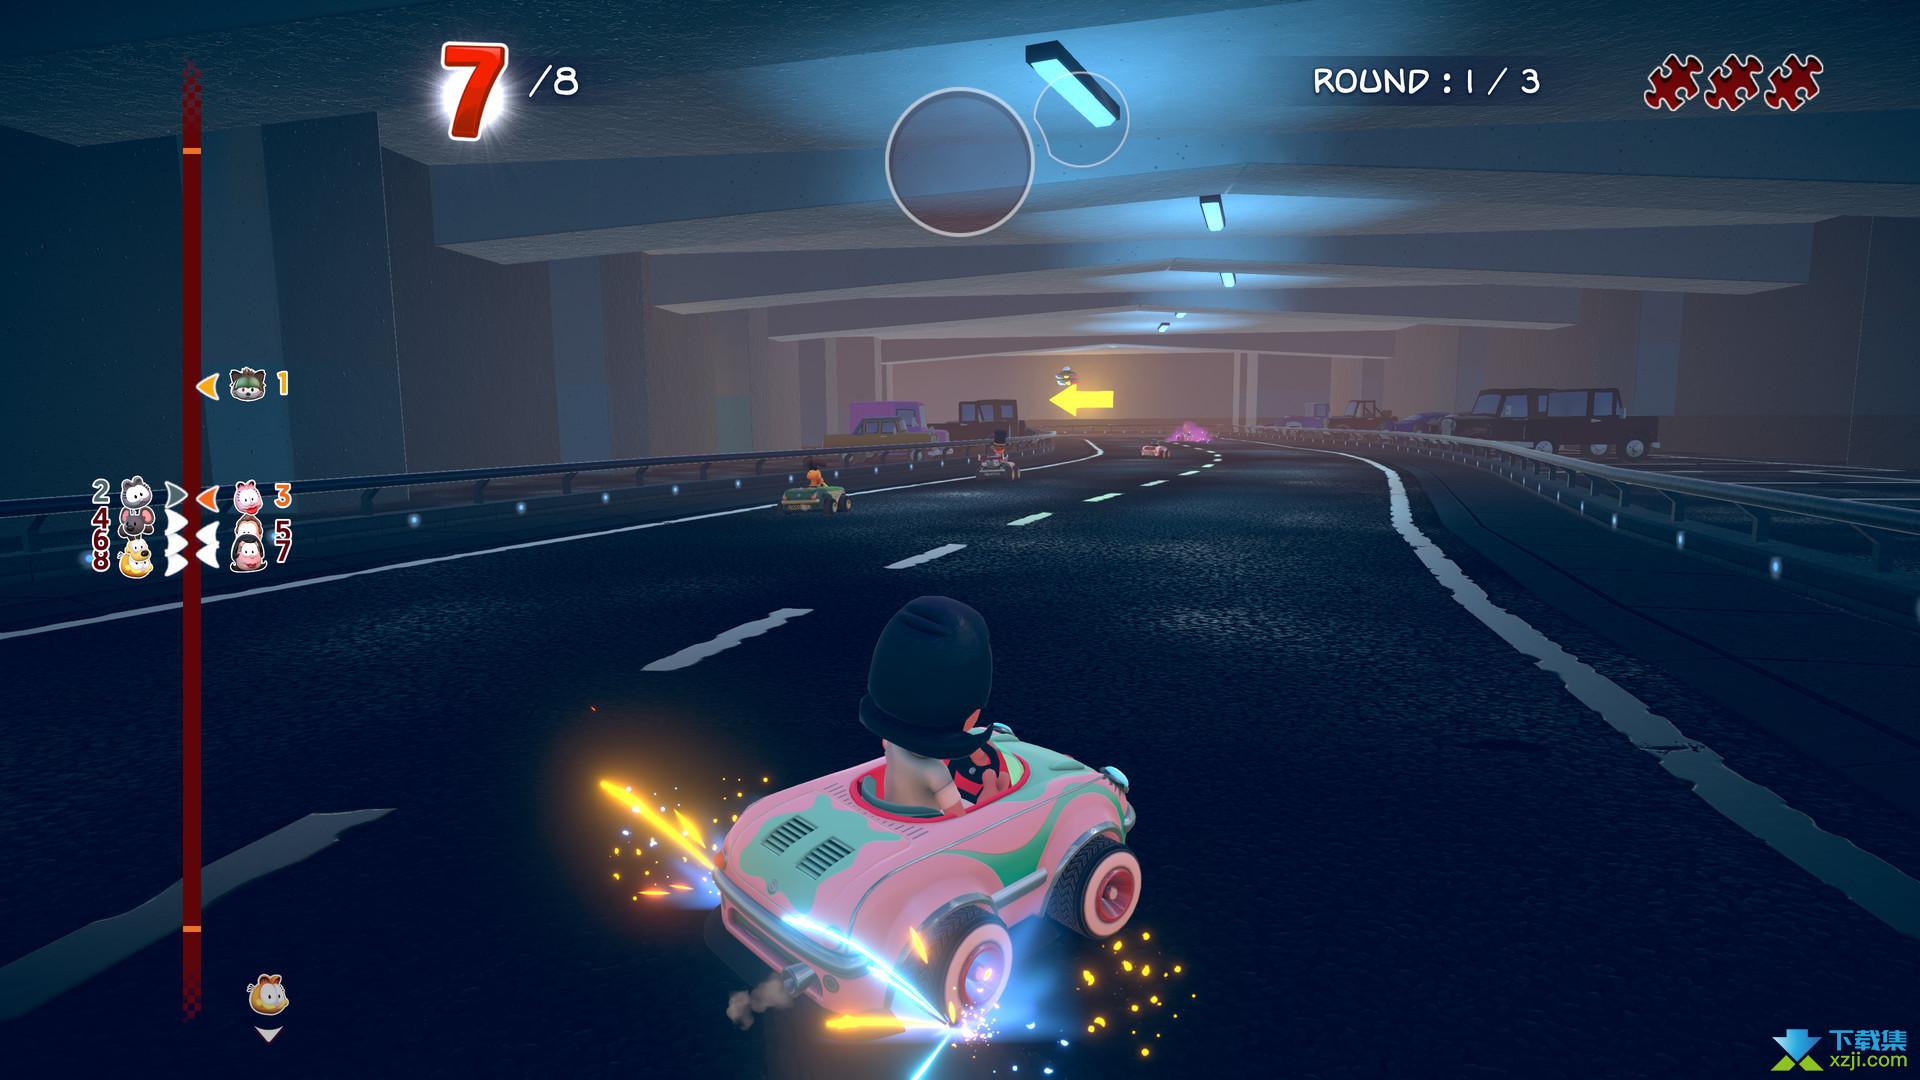 加菲猫卡丁车激情竞速界面